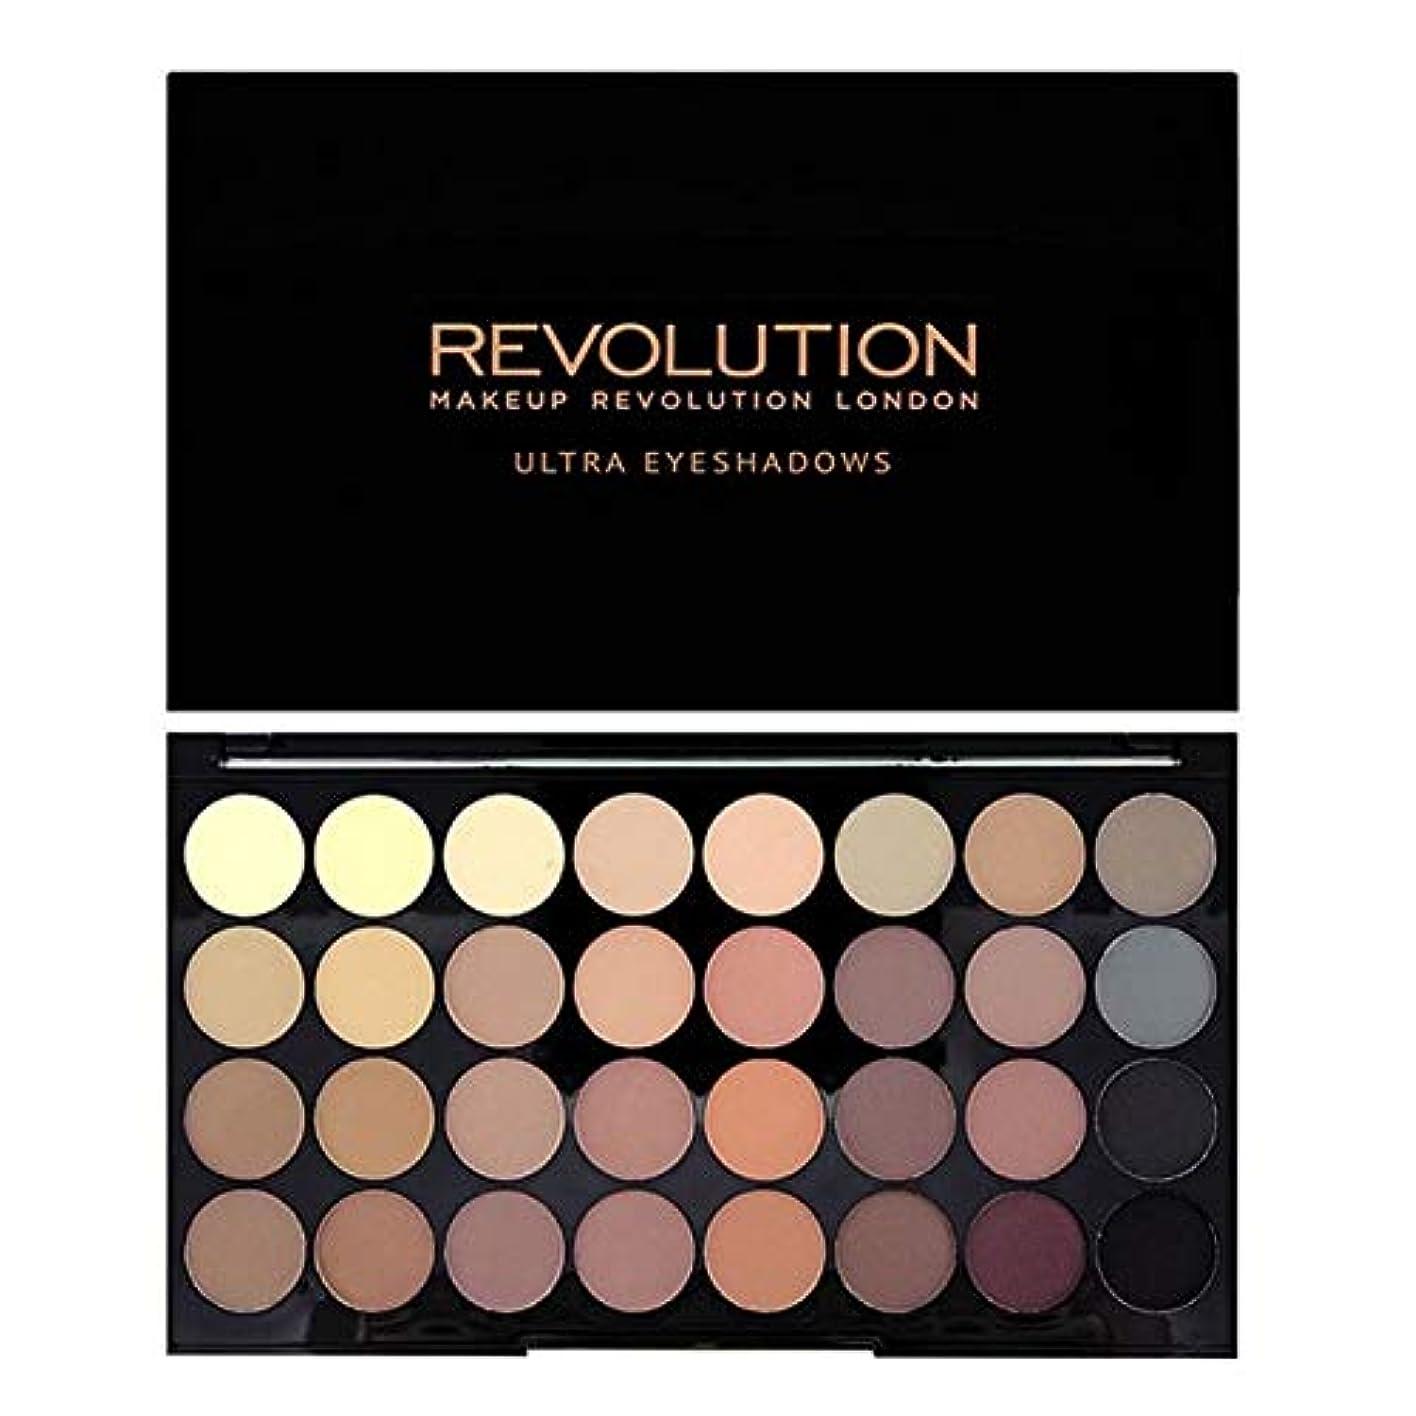 確認してくださいレイプブリード[Revolution ] 回転超32完璧マットアイシャドウパレット - Revolution Ultra 32 Flawless Matte Eye Shadow Palette [並行輸入品]